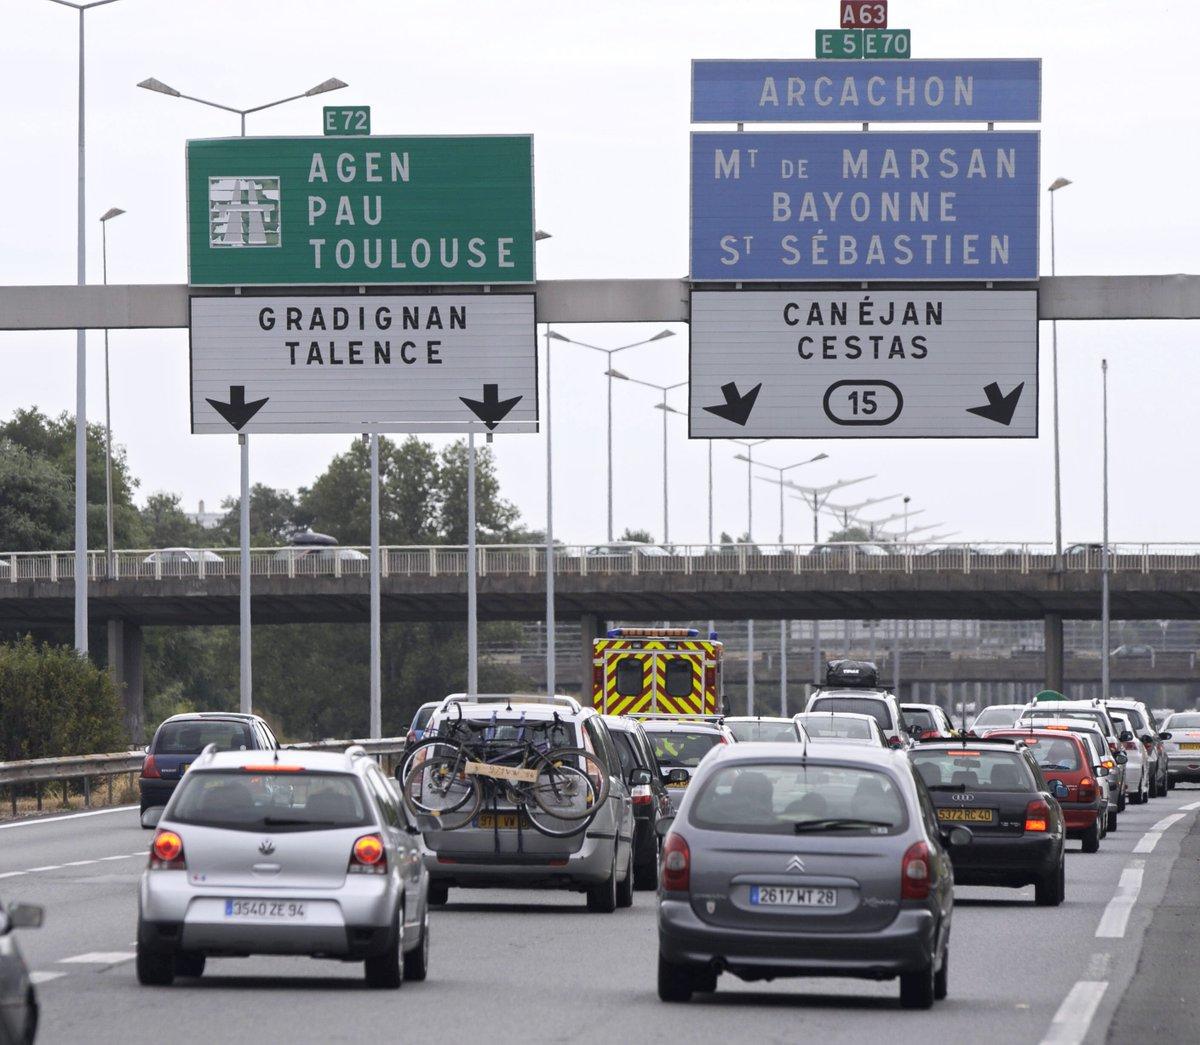 Drôme: une cycliste russe prend l'autoroute et veut payer le péage https://t.co/0lcfNKKbQO